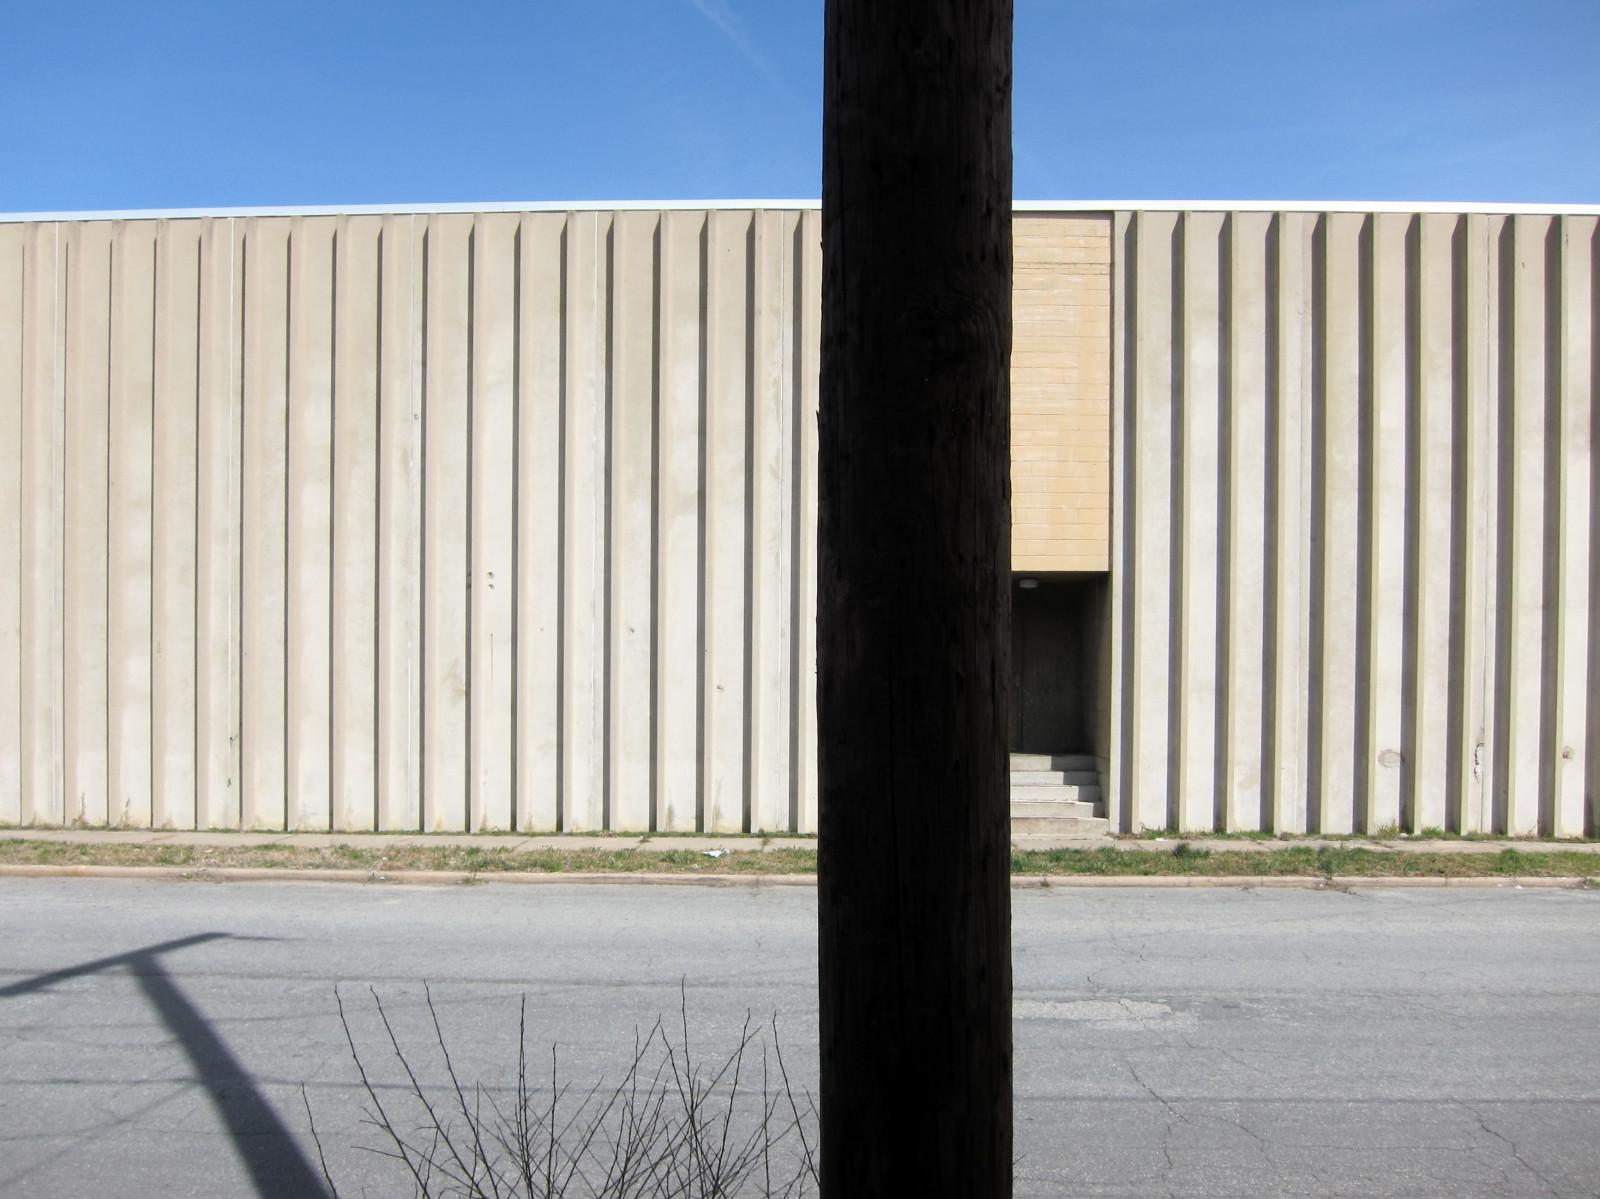 Hintergrundbilder fenster stra e die architektur for Minimalismus im haus